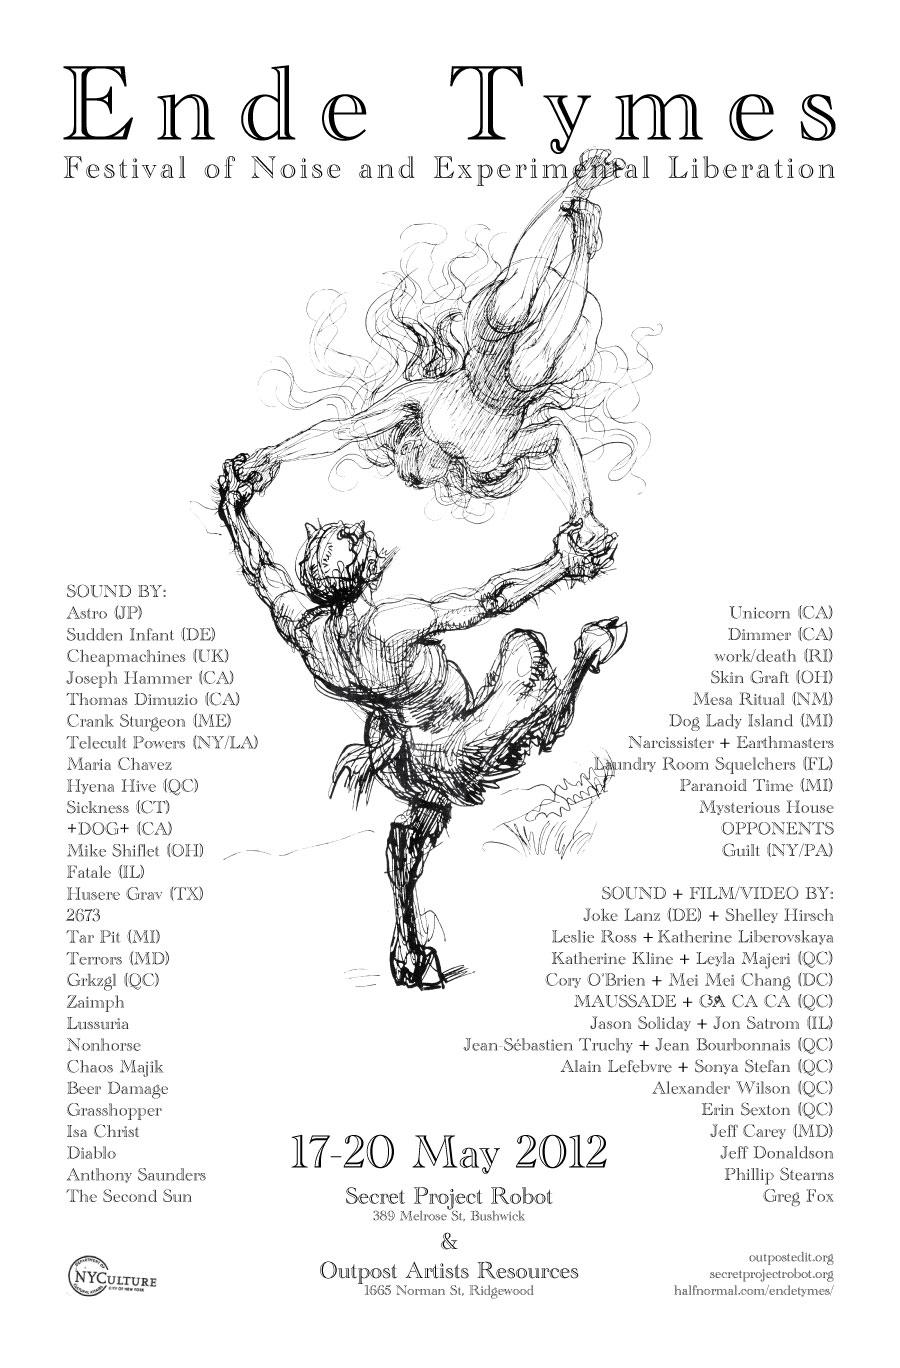 bob bellerue gigs, exhibitions, installations